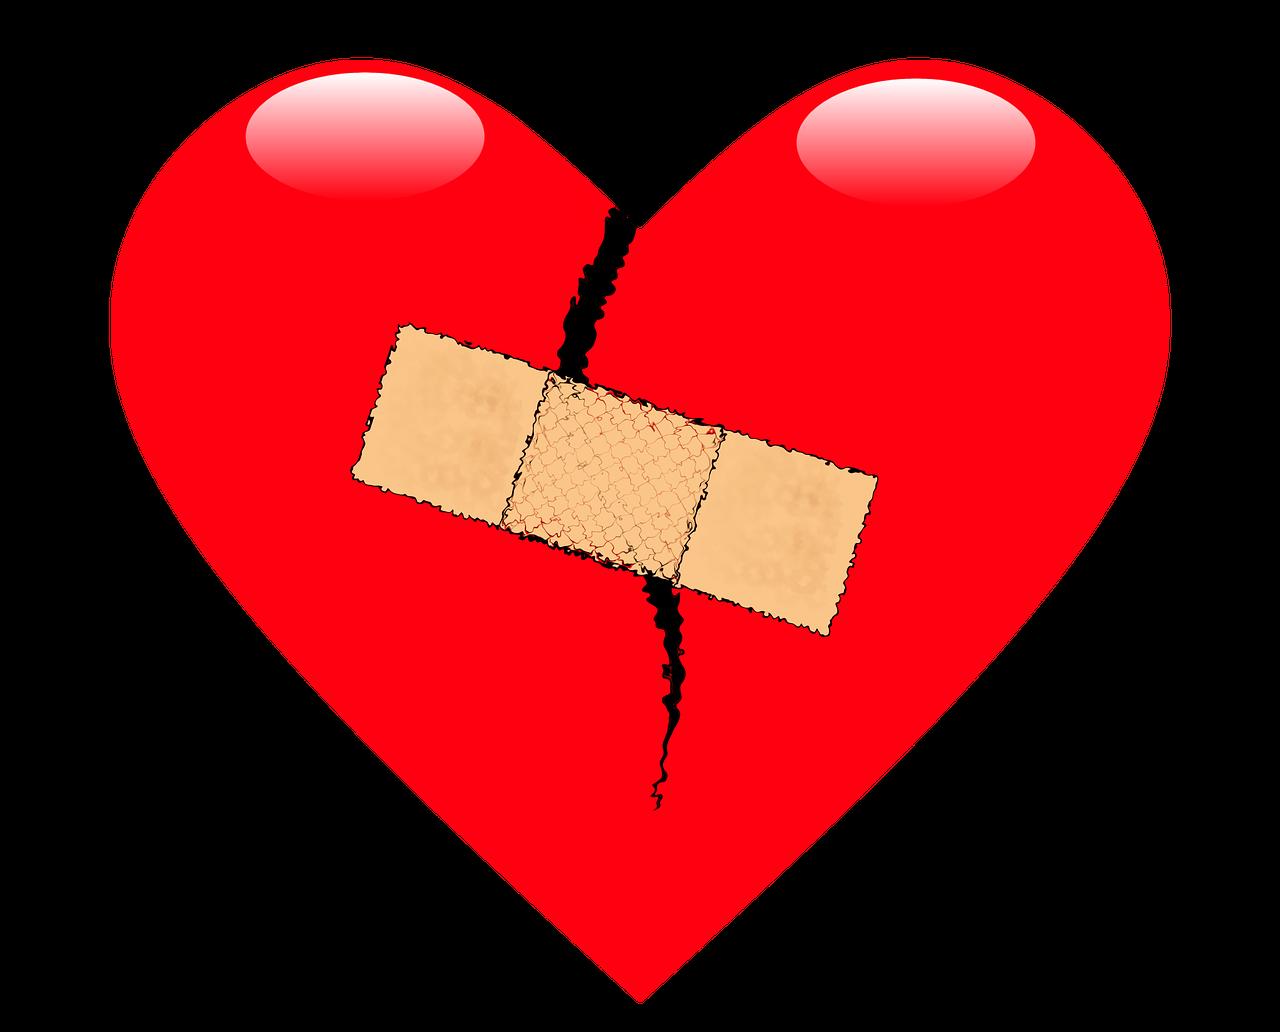 всего первые картинка сердца сломался время